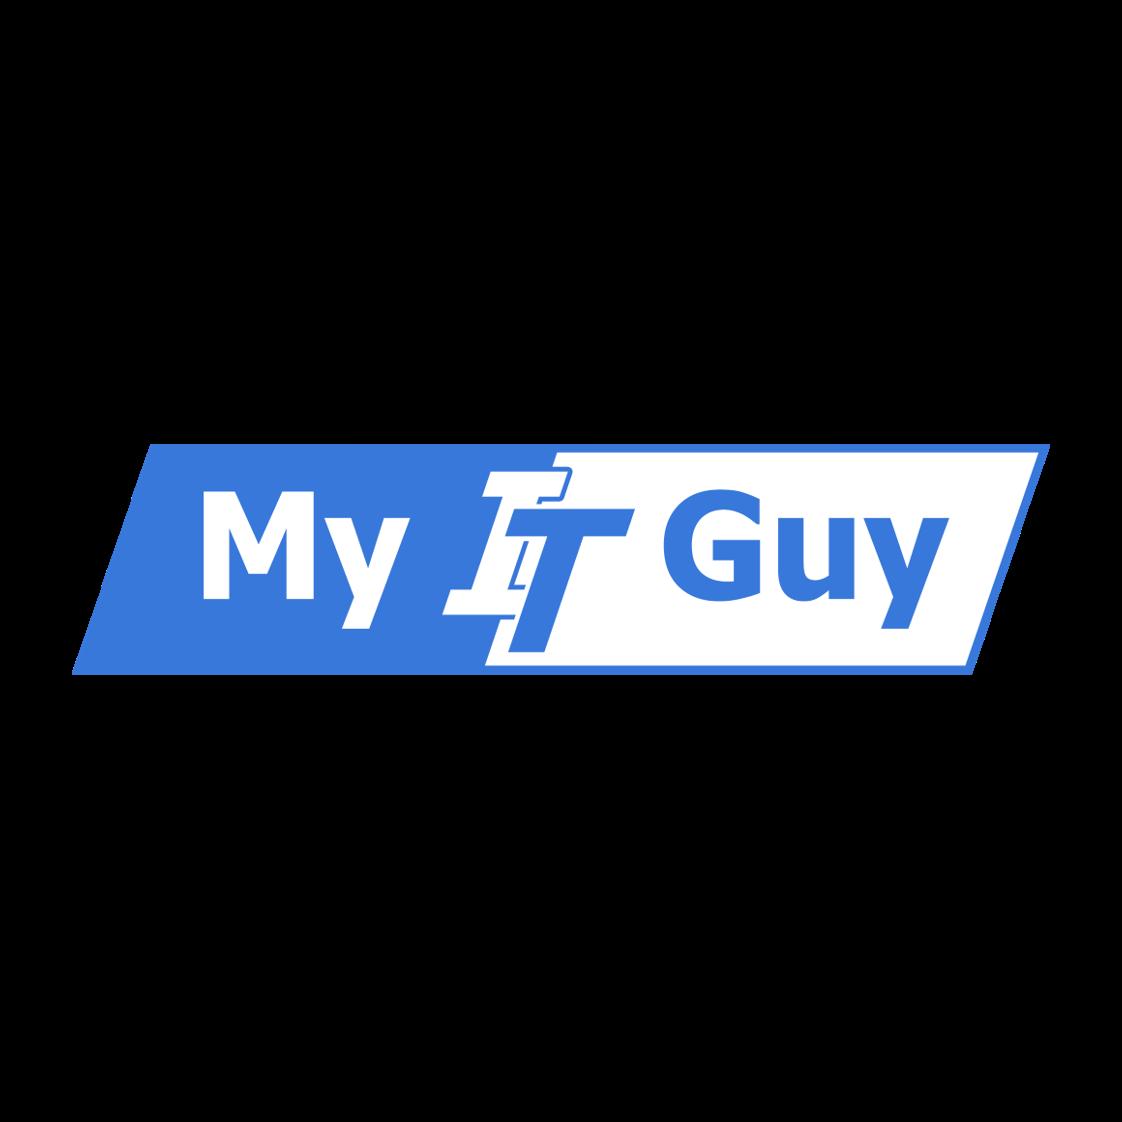 My IT Guy Corp